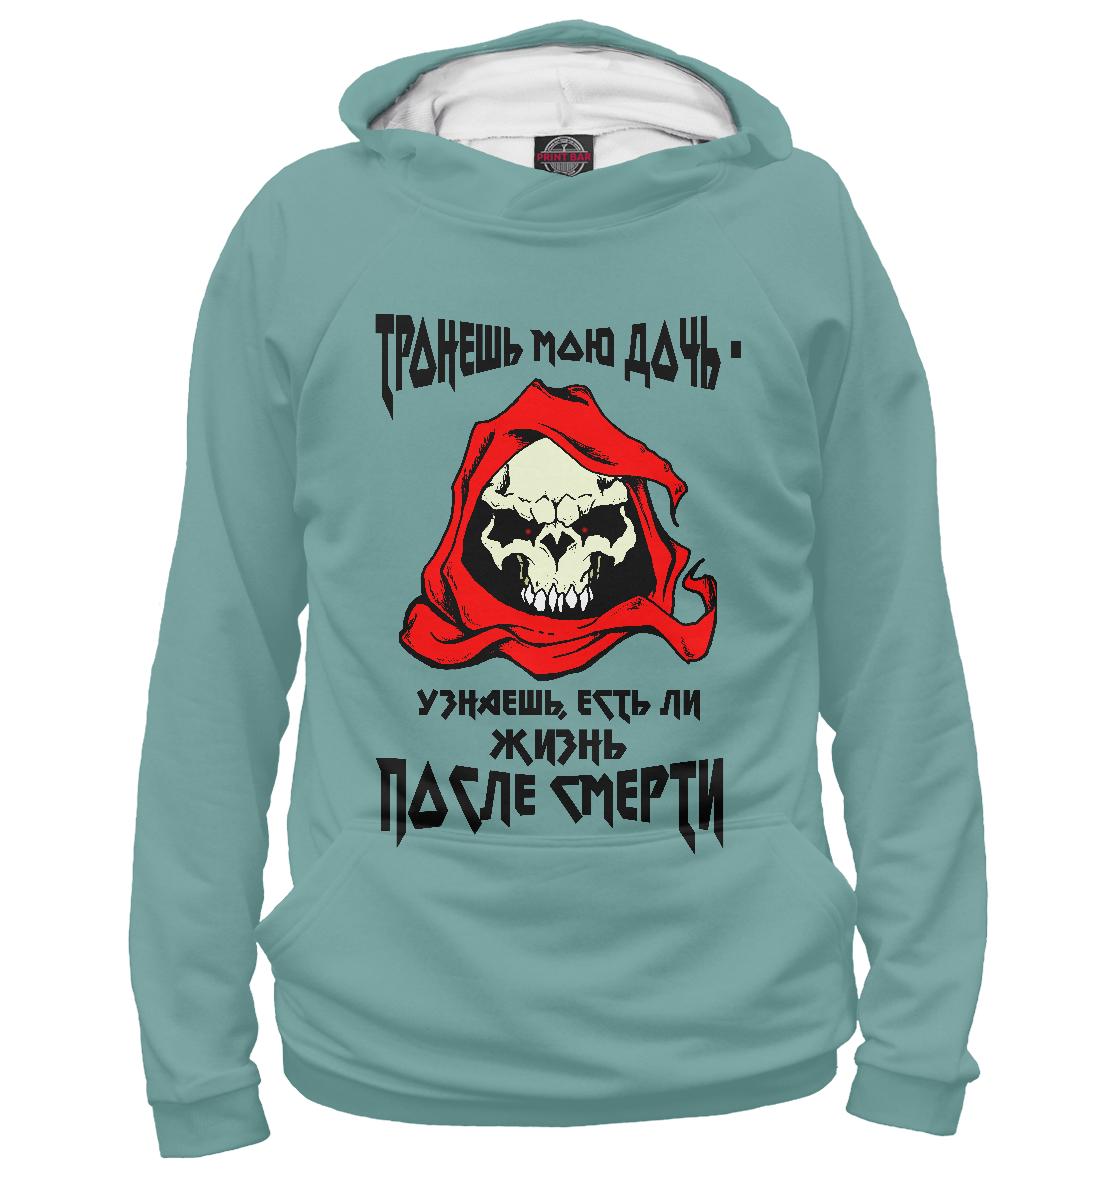 Купить Тронешь дочь - узнаешь, есть ли жизнь после смерти, Printbar, Худи, NDP-689558-hud-2